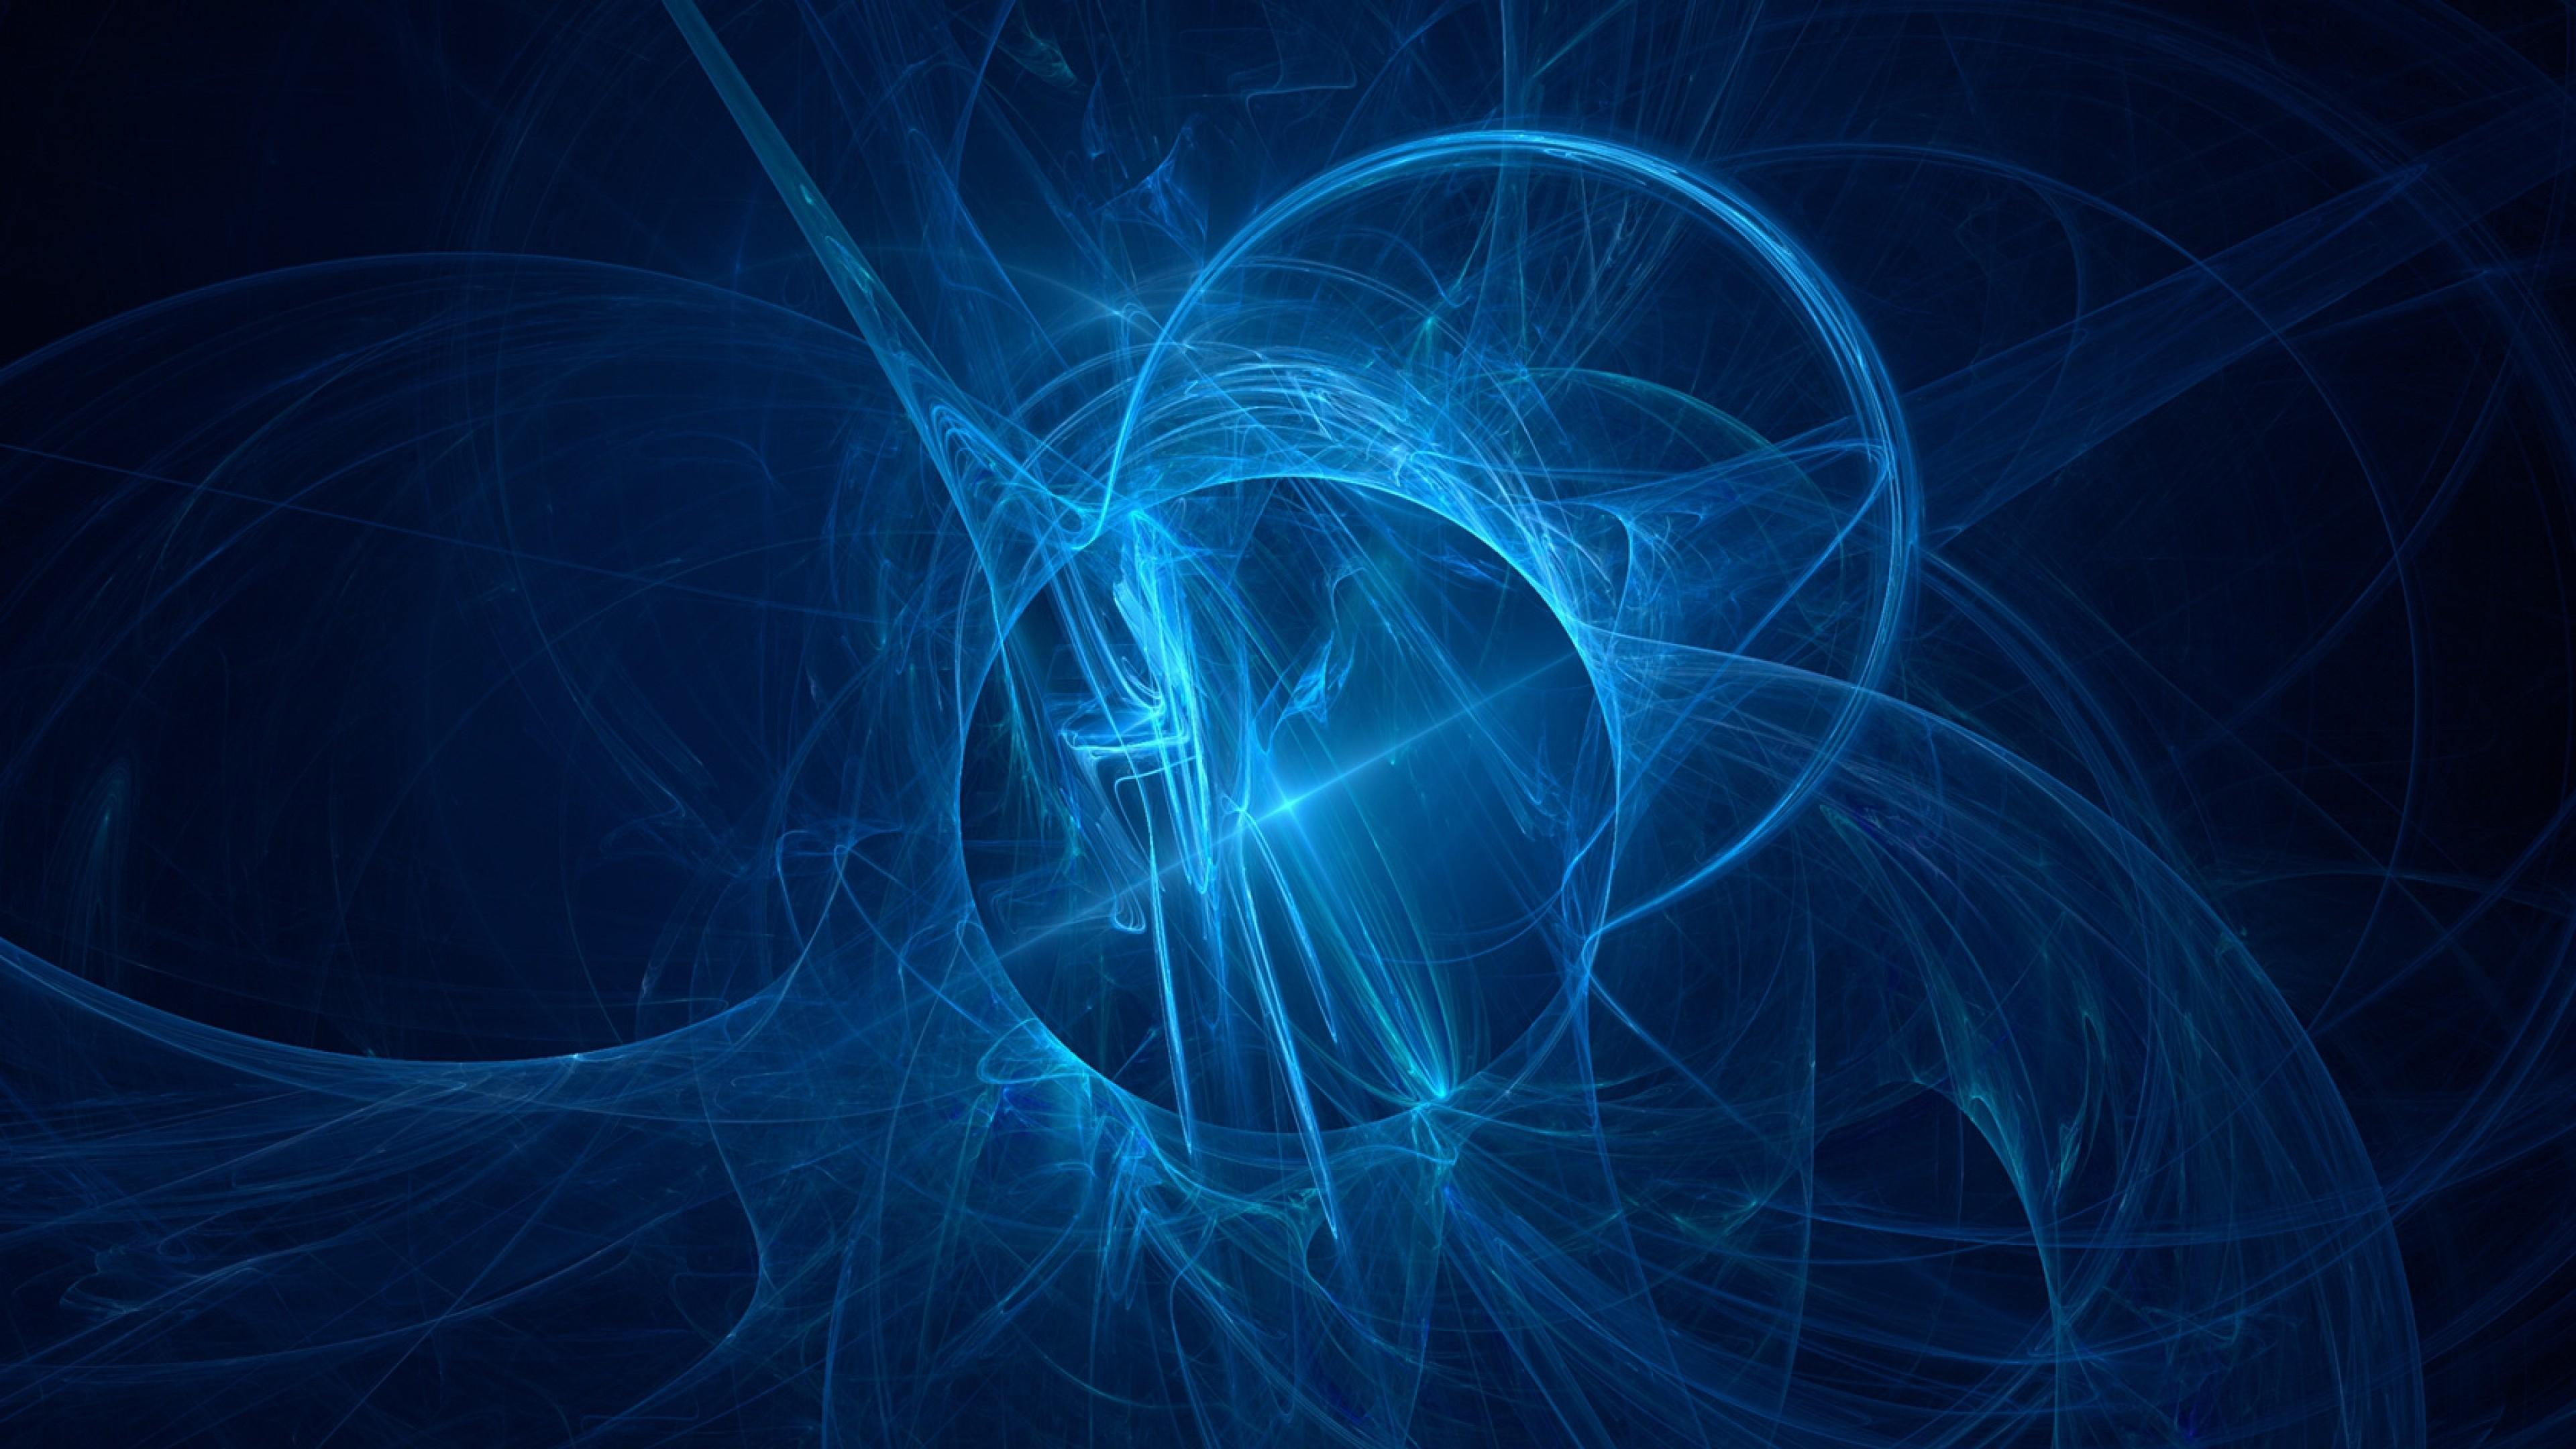 Wallpaper blue, black, circles, lines